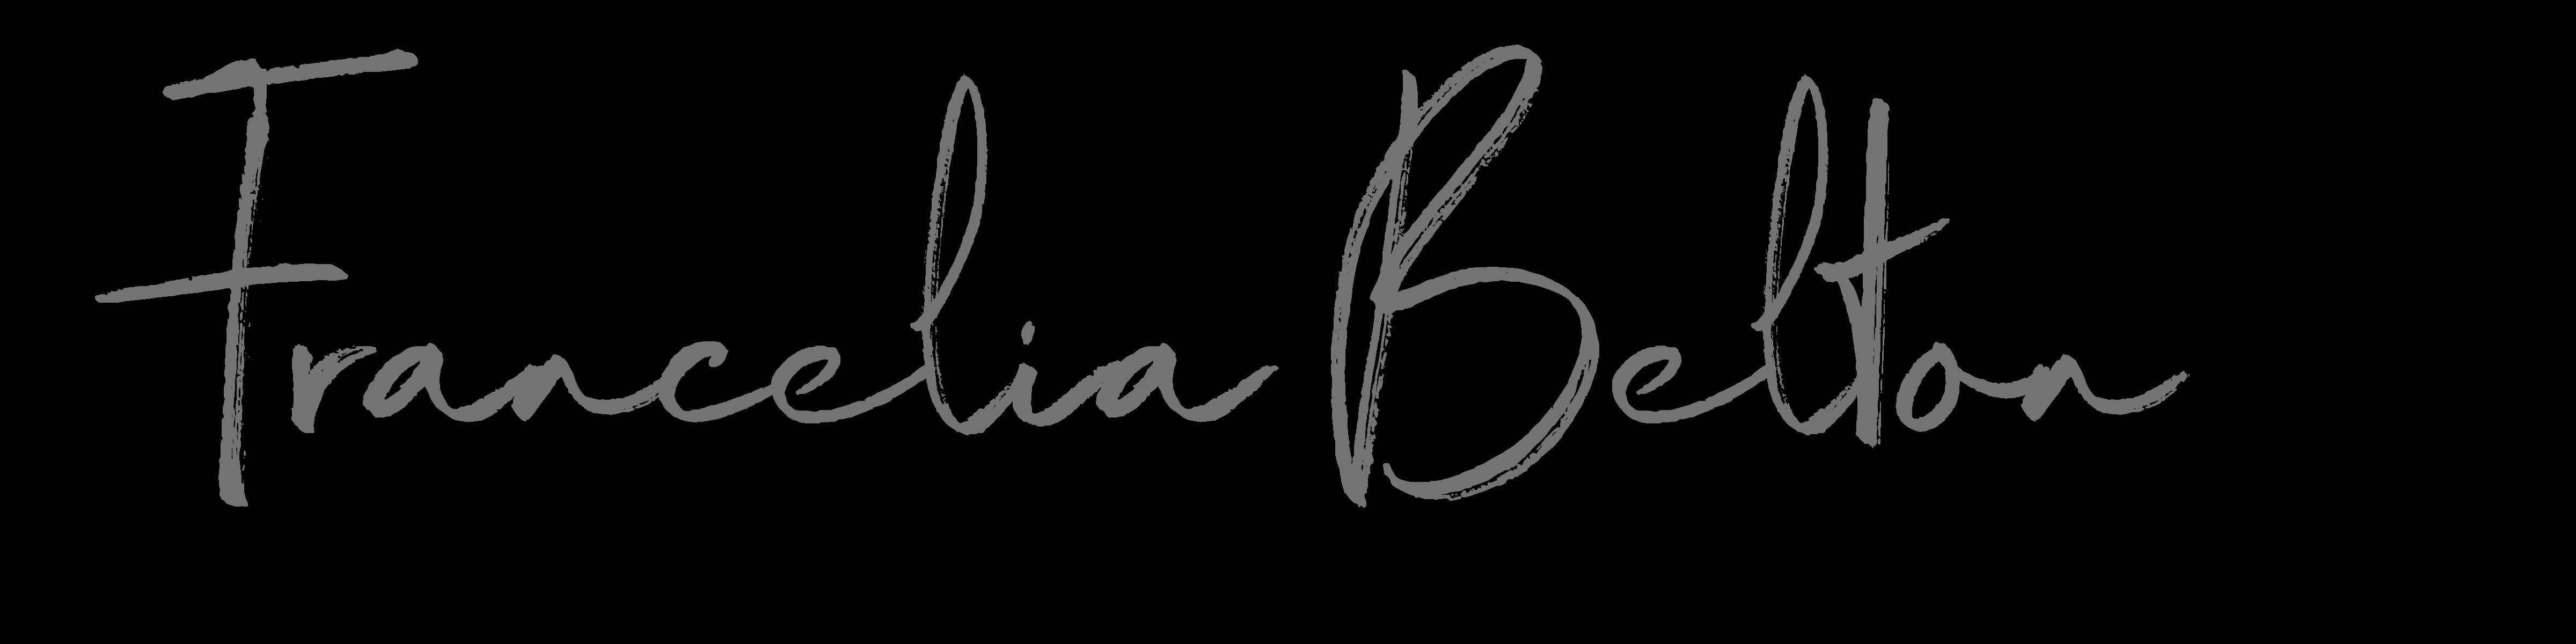 Francelia Belton - Story Writer - Author Logo